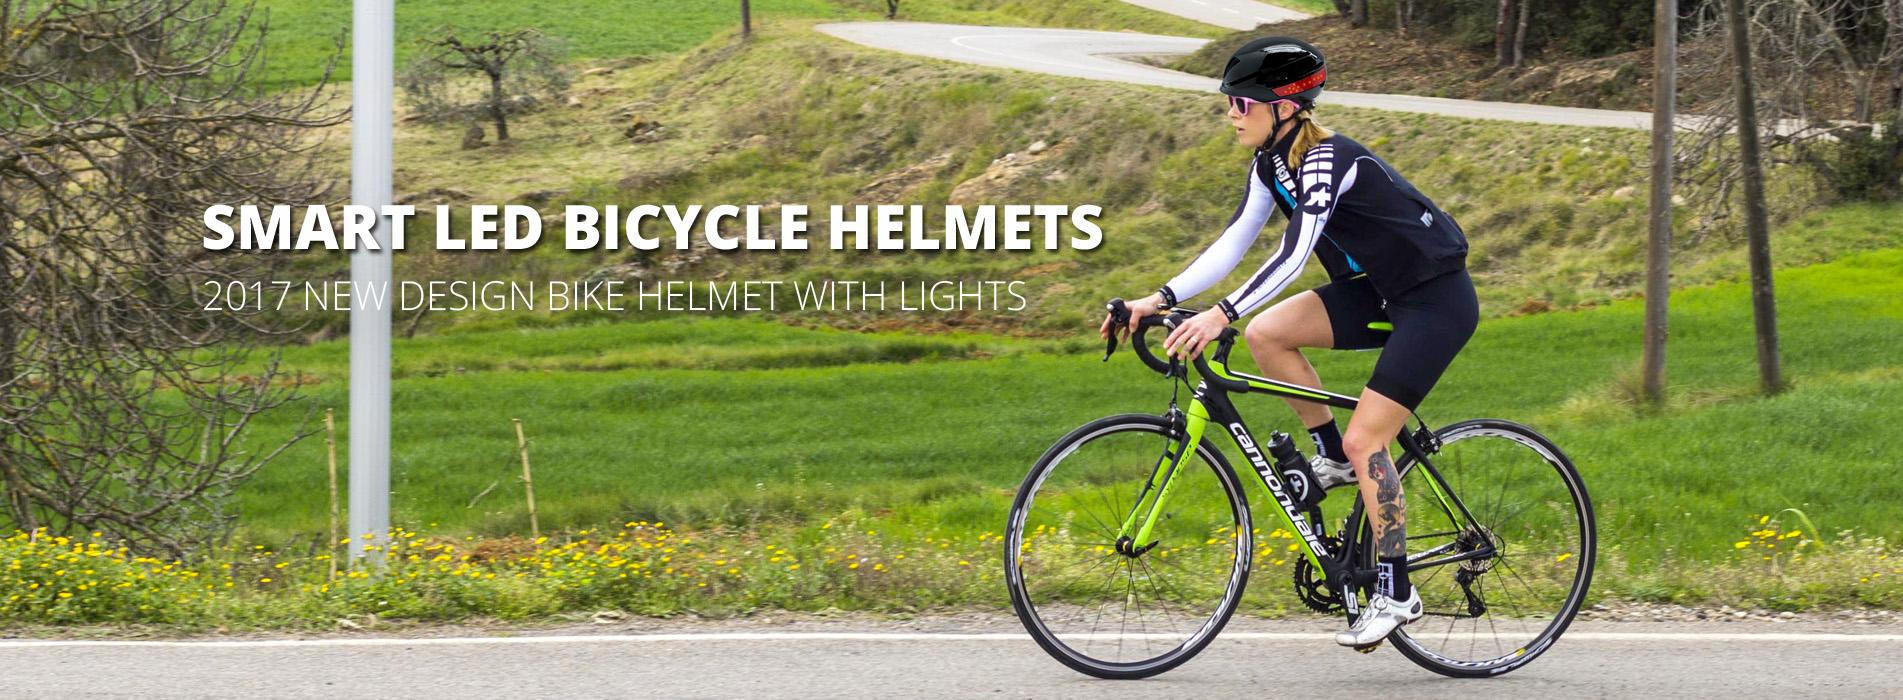 led bicycle helmet R9